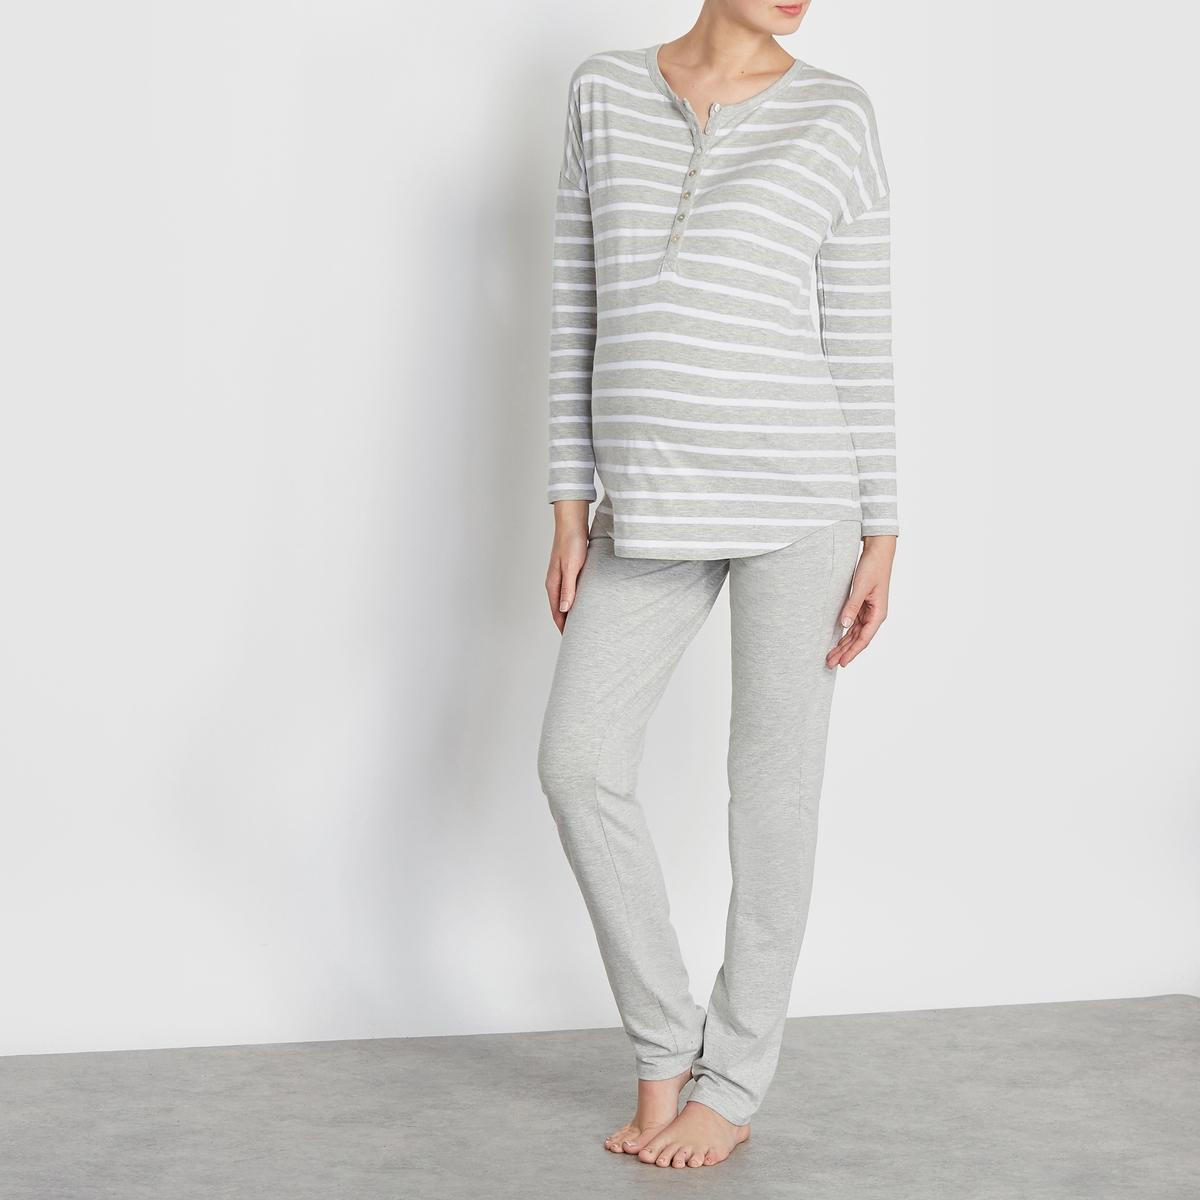 Пижама для беременных и кормящих грудью брюки для беременных topshop 4 22